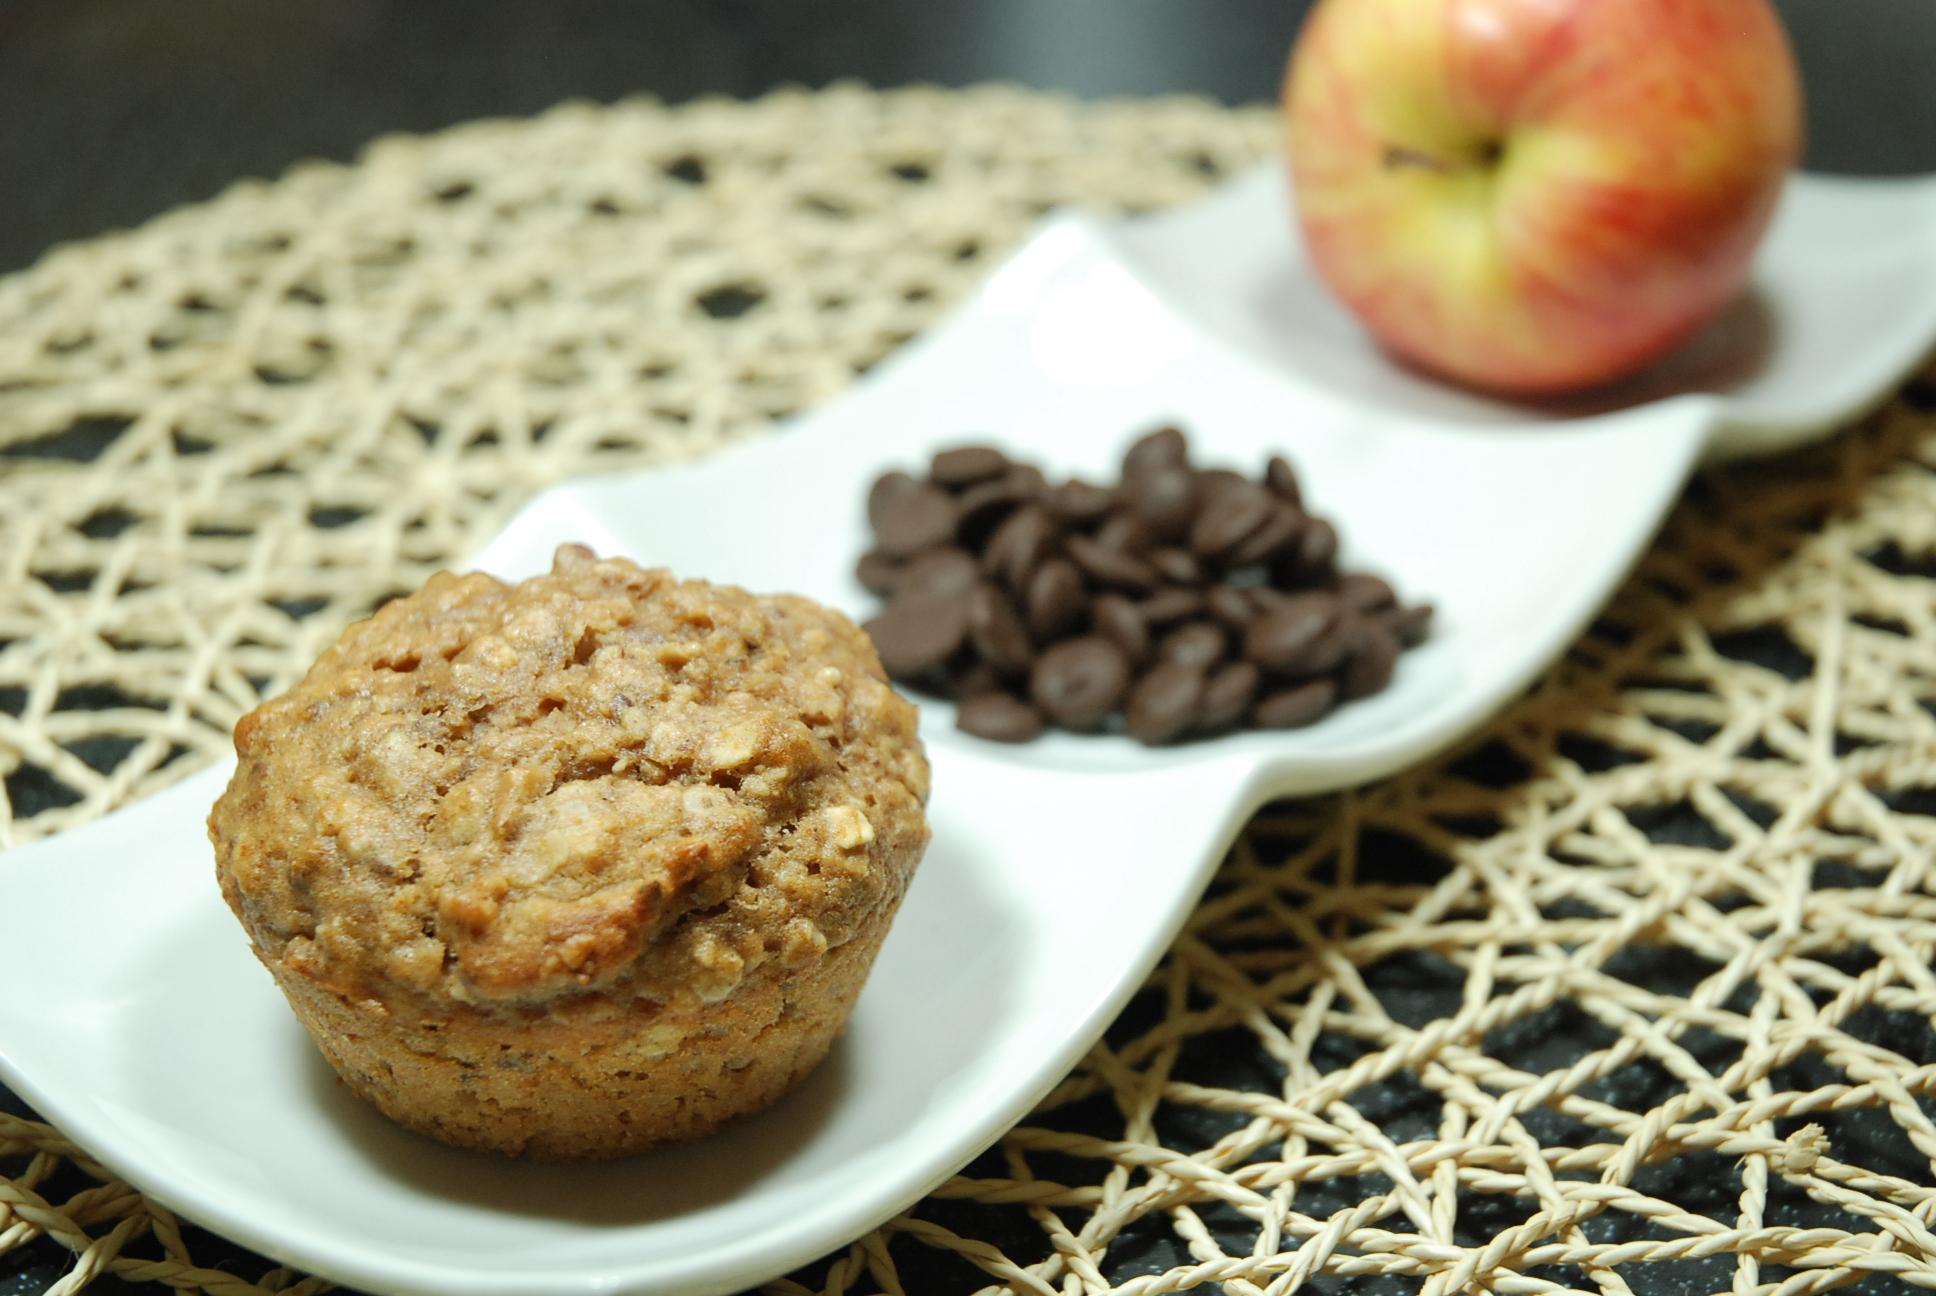 Apfel-Schoko-Frühstücksmuffins / Apple-chocolate-breakfast muffins